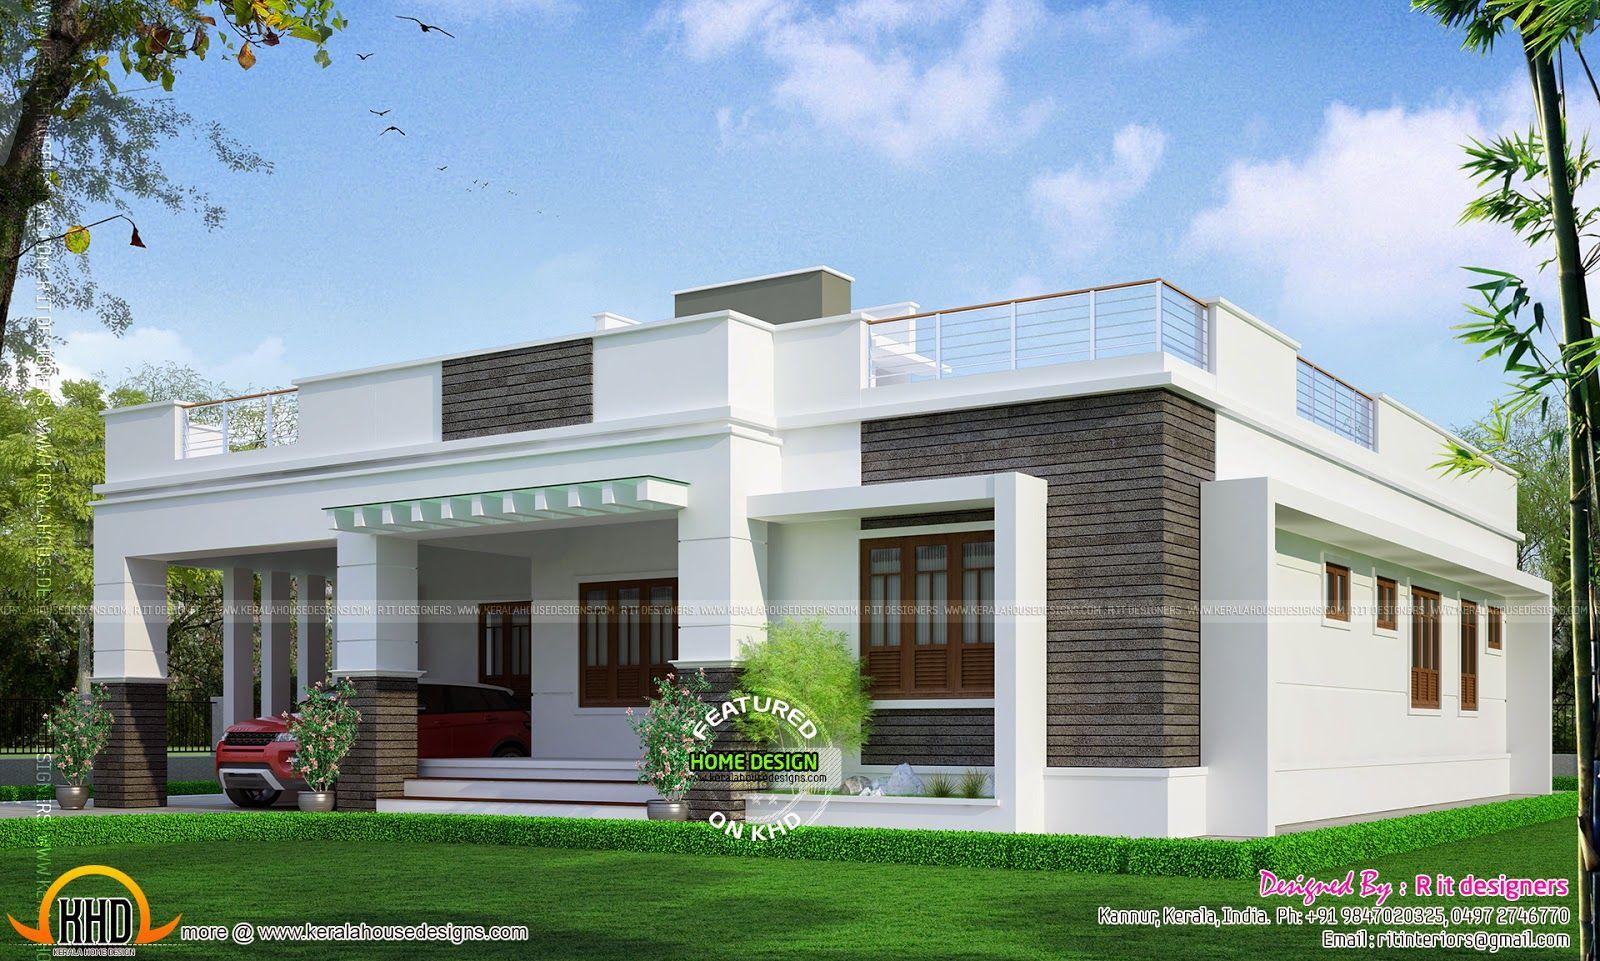 Home design home plan pinterest house design single floor